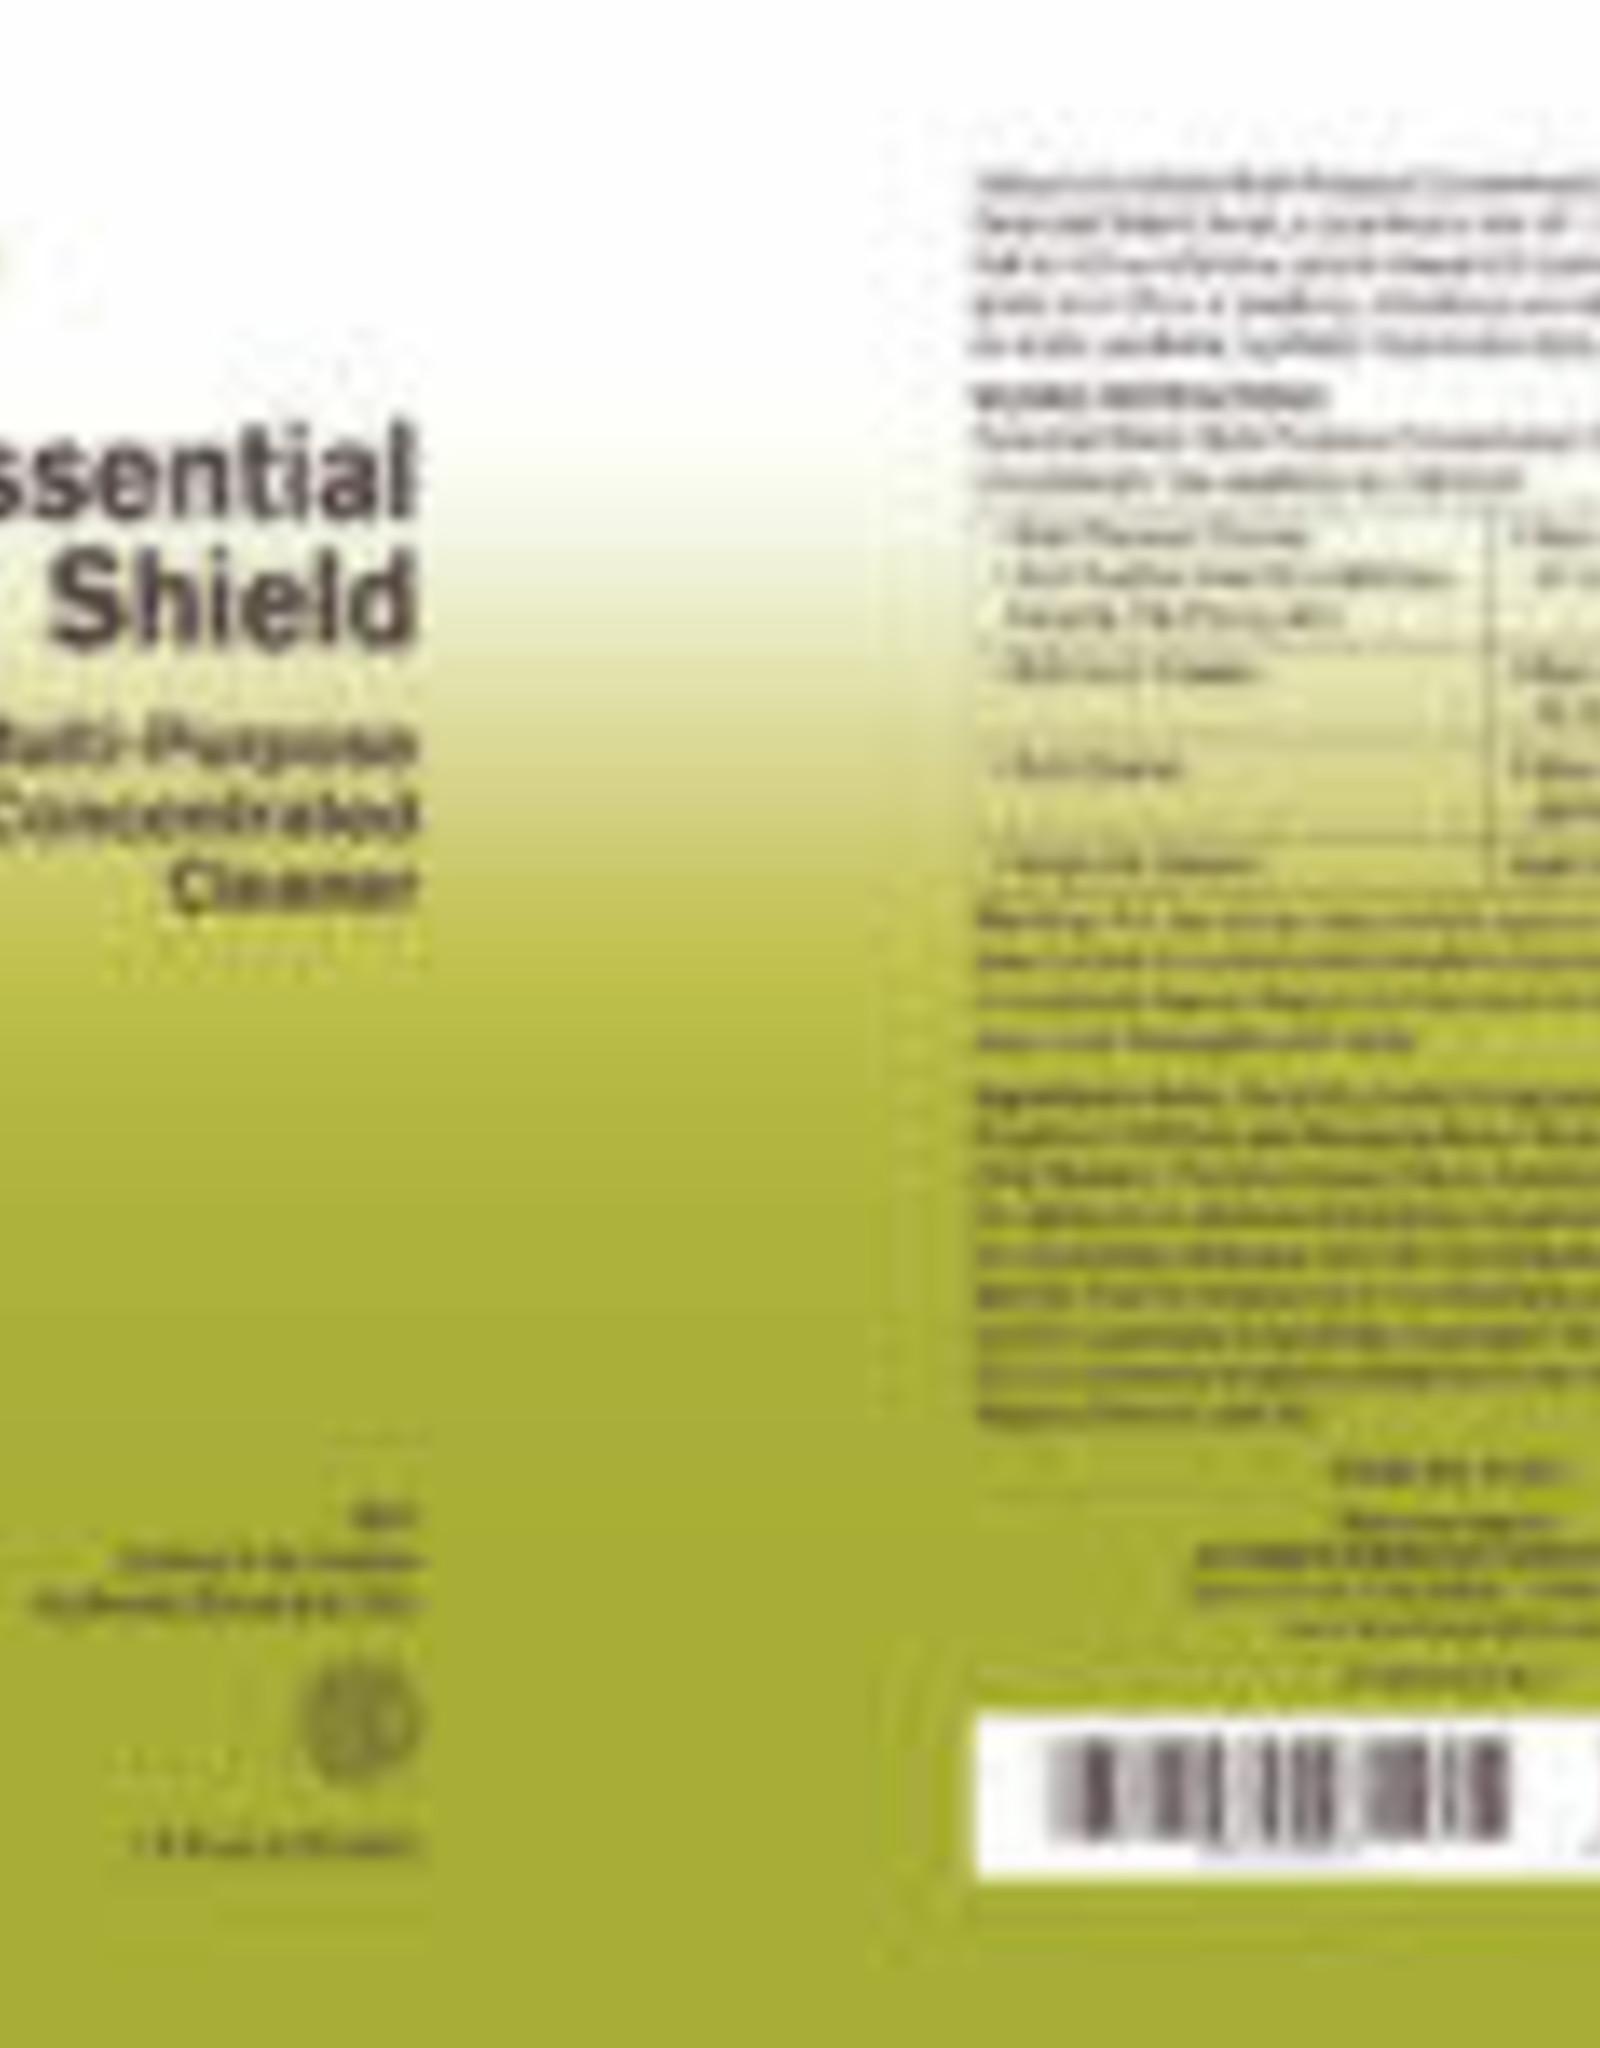 Nature's Sunshine Essential Shield Multi-Purpose Cleaner (16 fl. oz.) NEW!